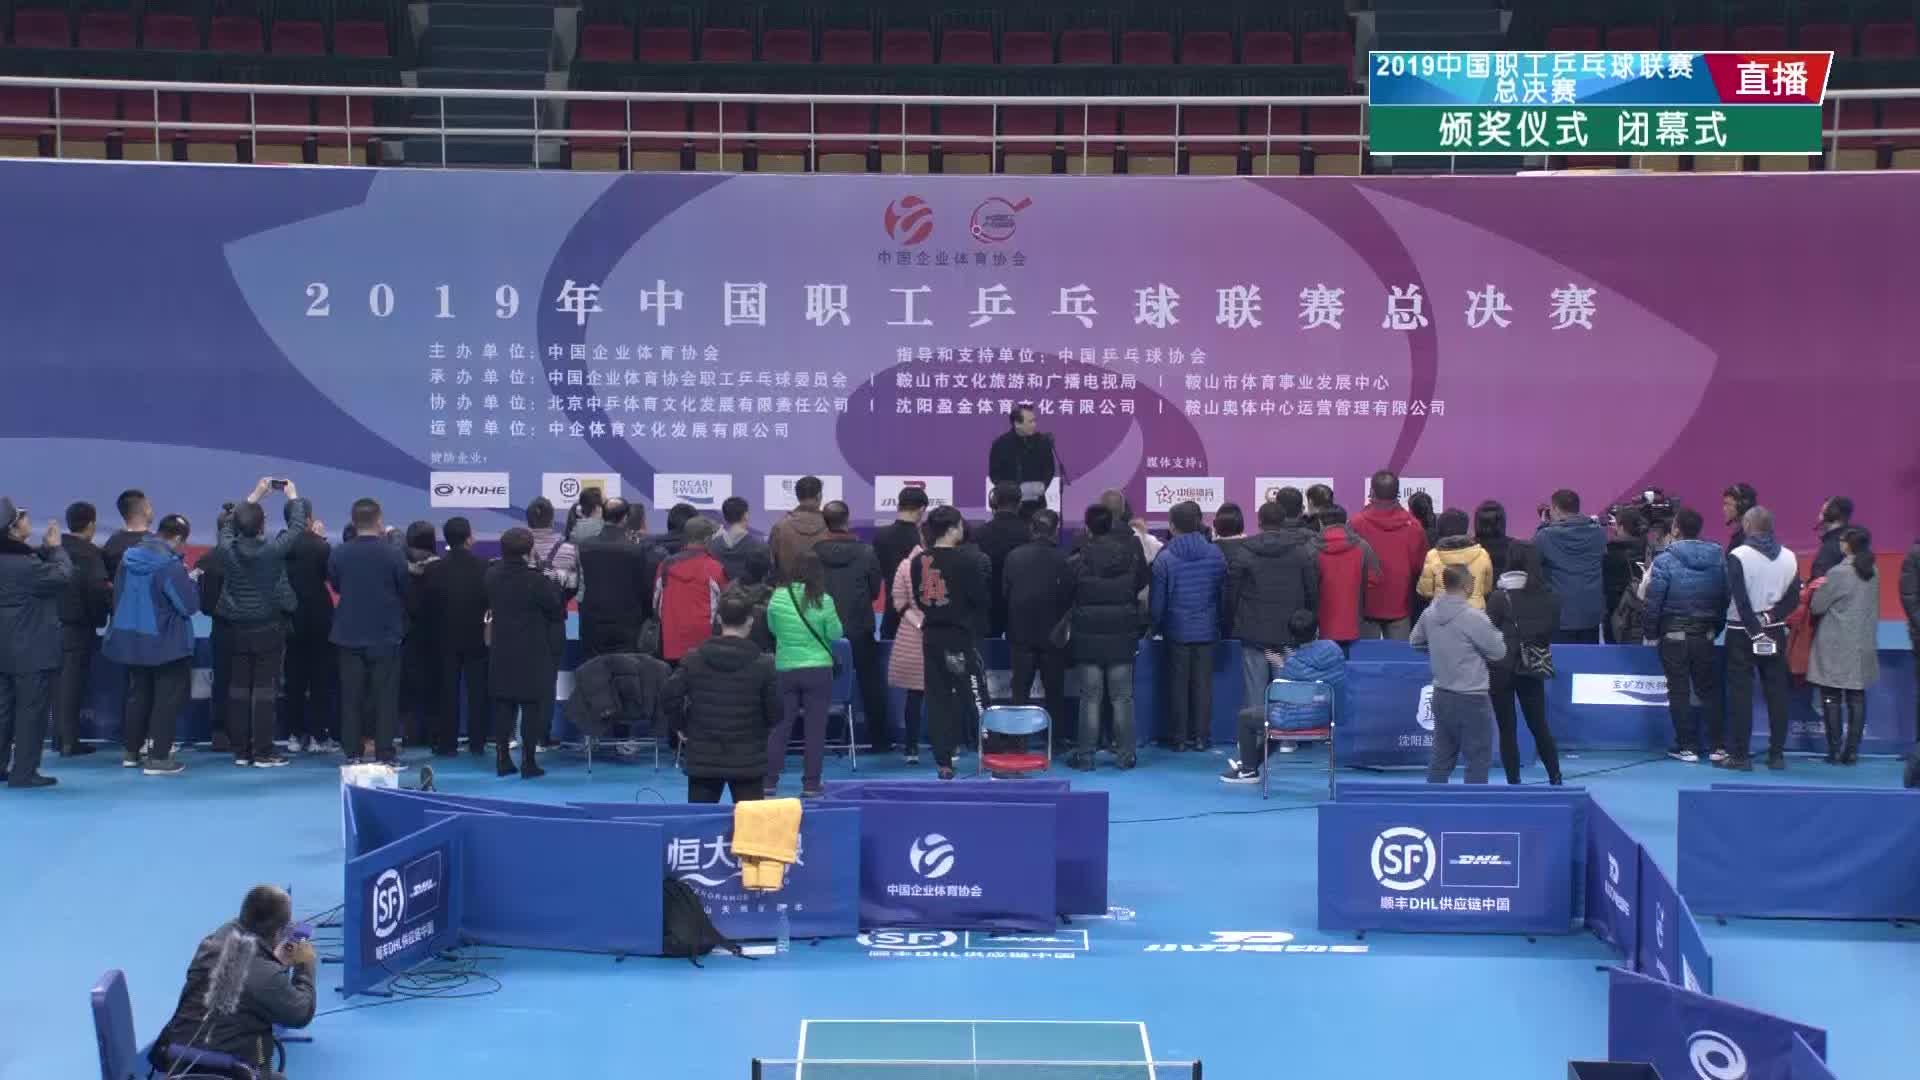 2019年中国职工乒乓球联赛总决赛闭幕式02